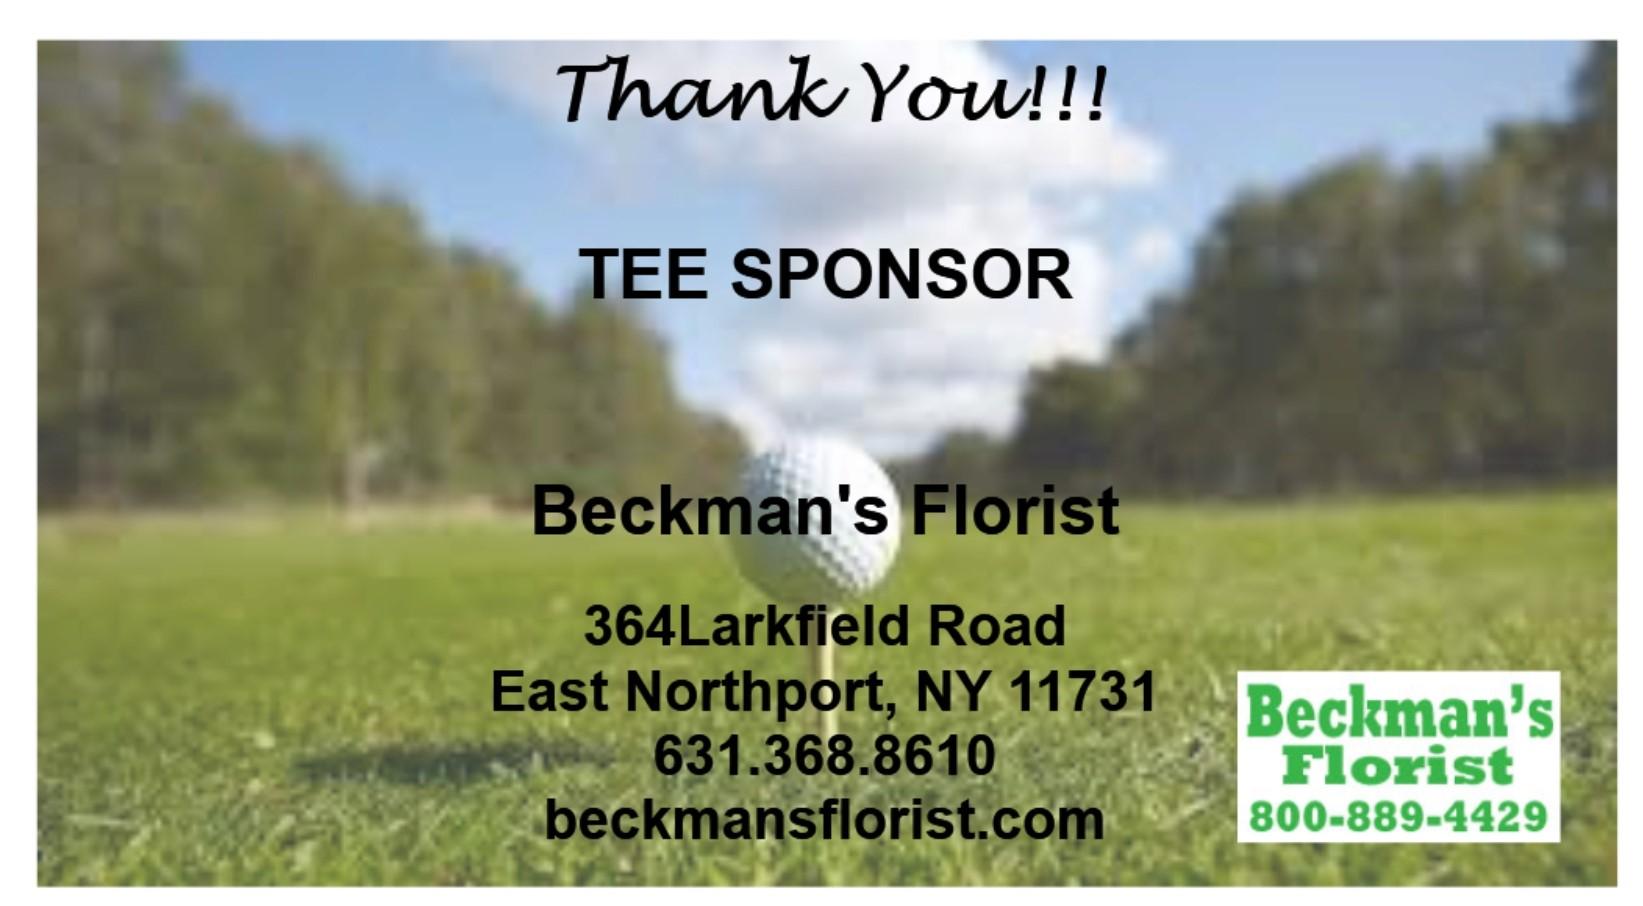 Beckman's Florist